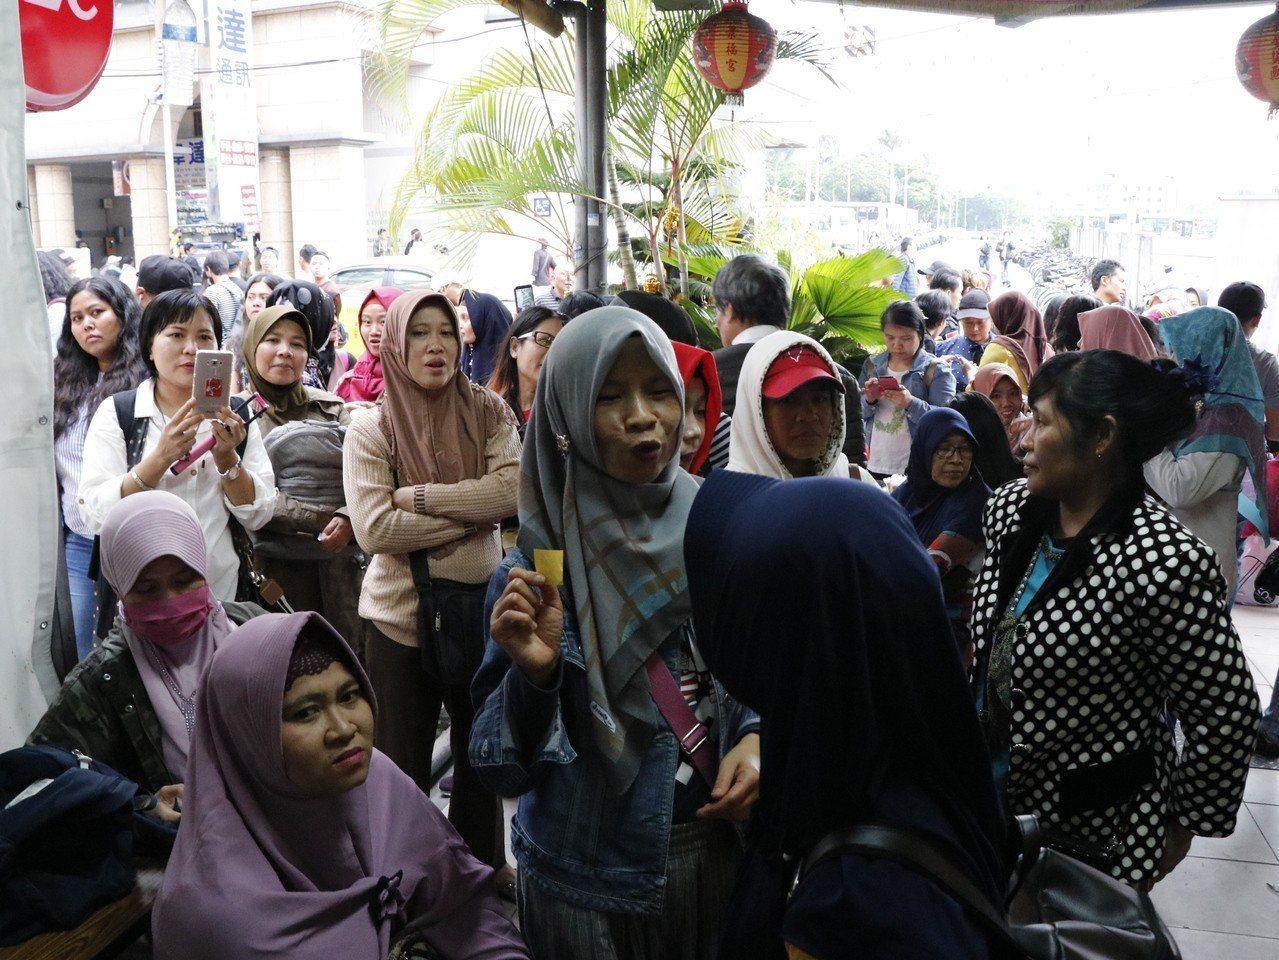 桃園後車站旁的延平路上1處投票所,雖即將截止,但仍有數百名印尼僑民仍然排隊等待,...